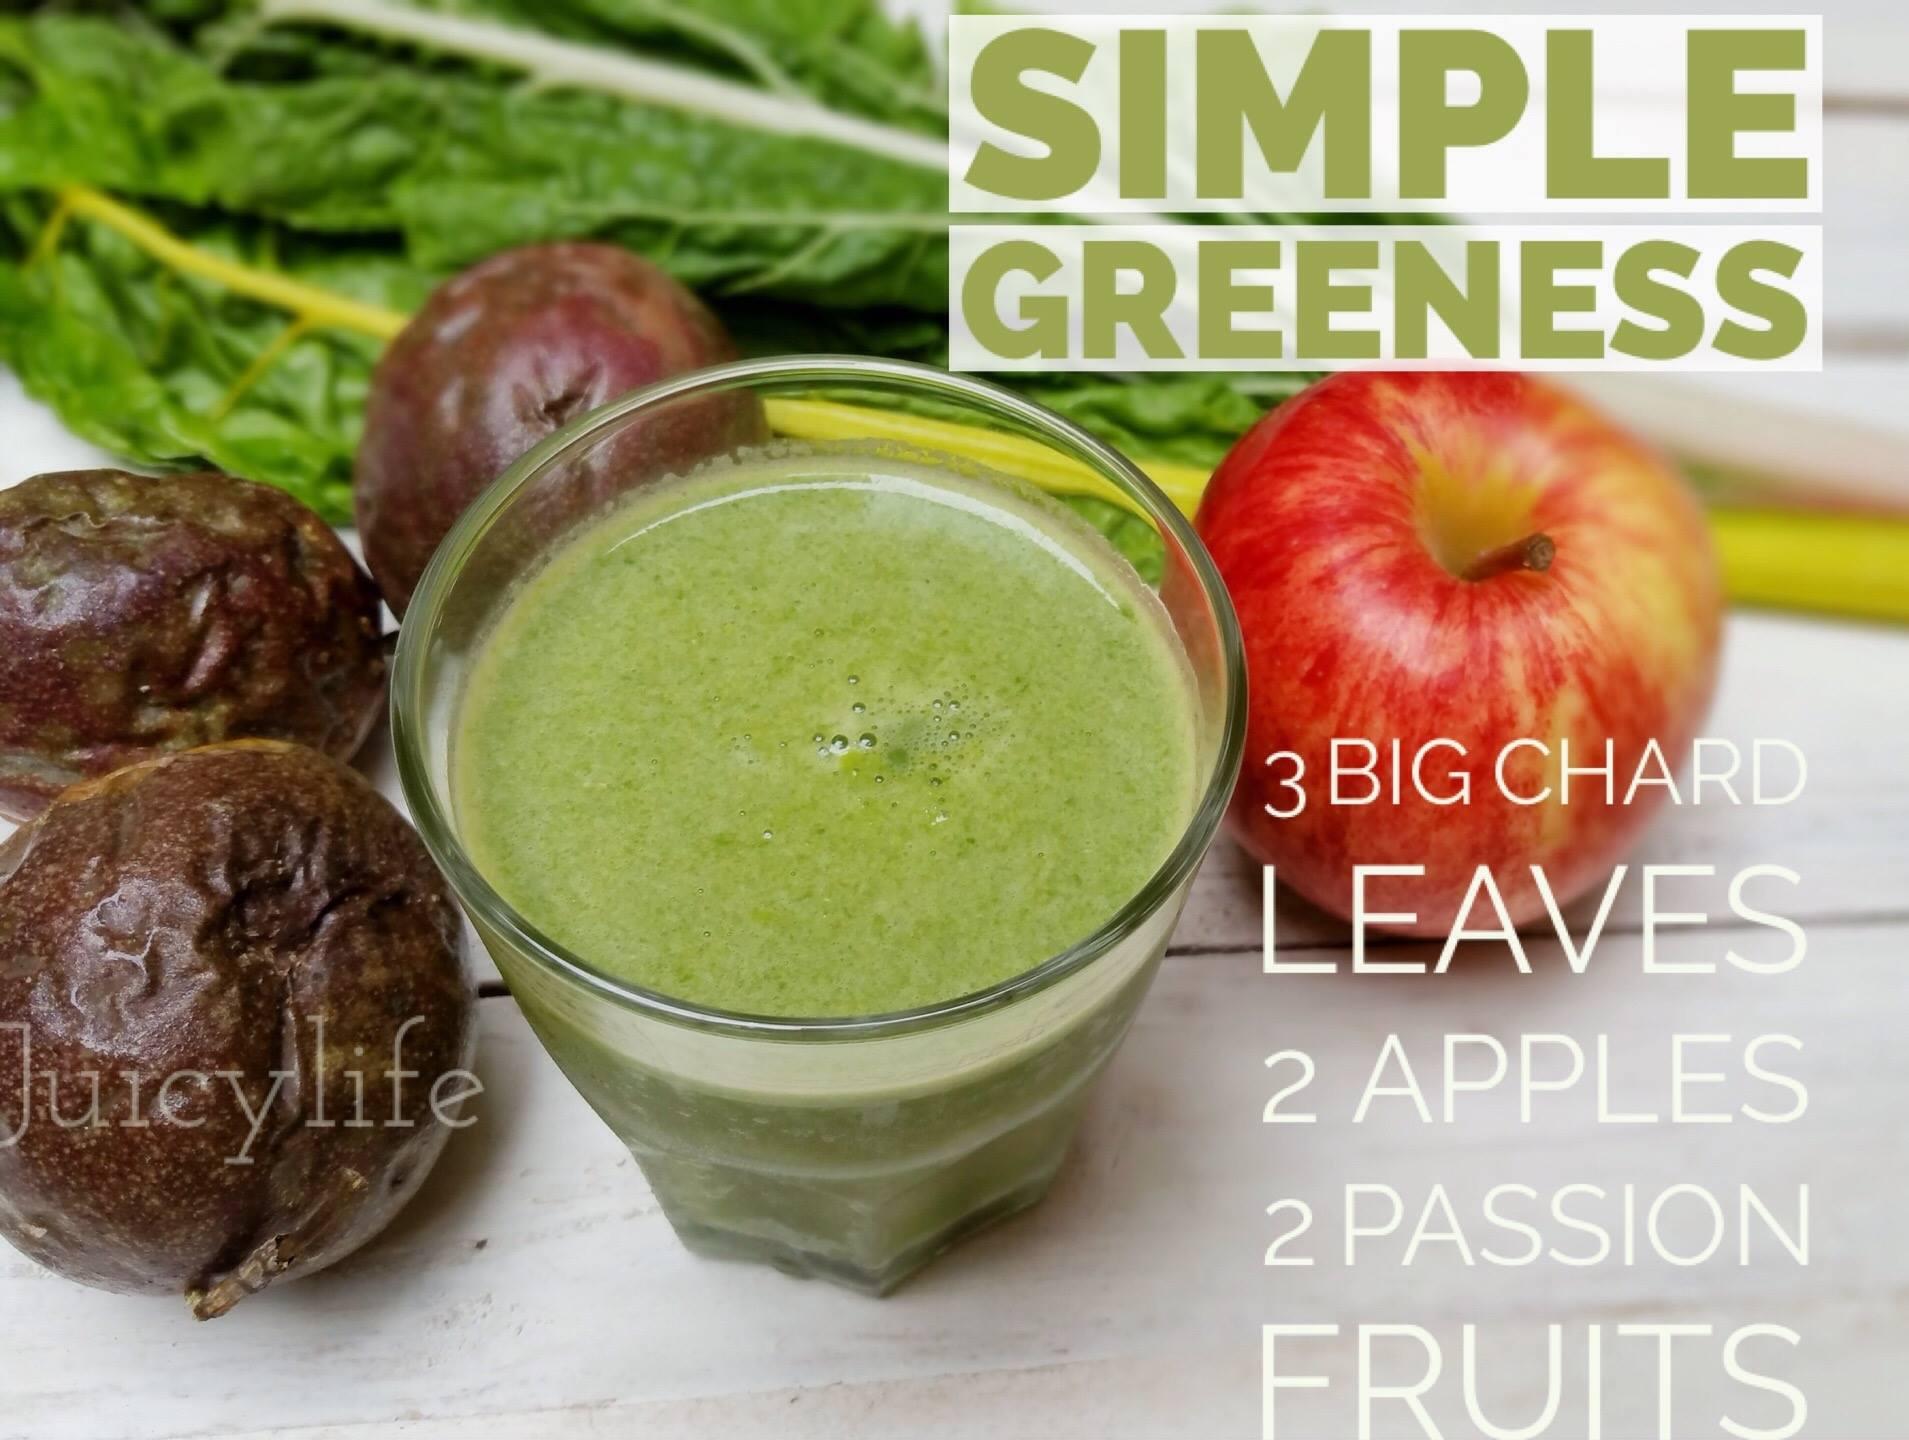 simplegreeness